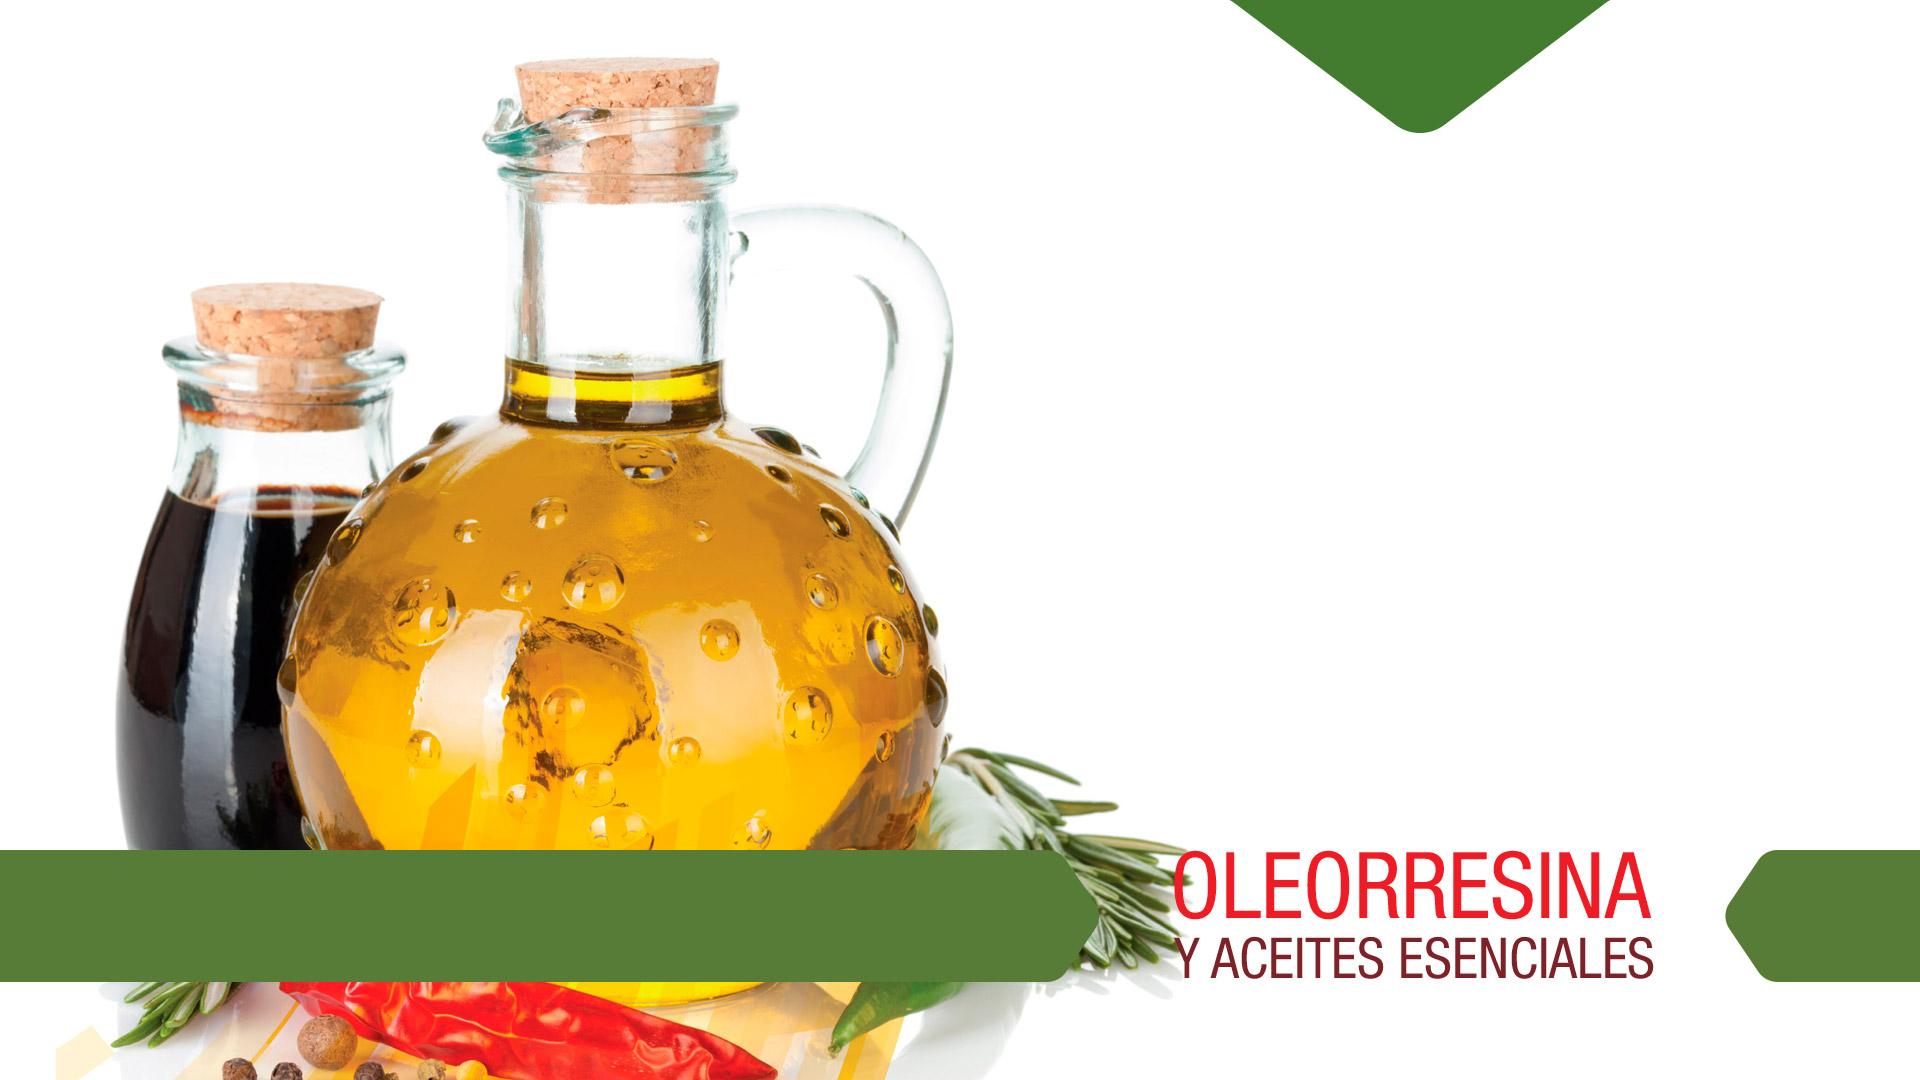 Oleorresina y aceites esenciales